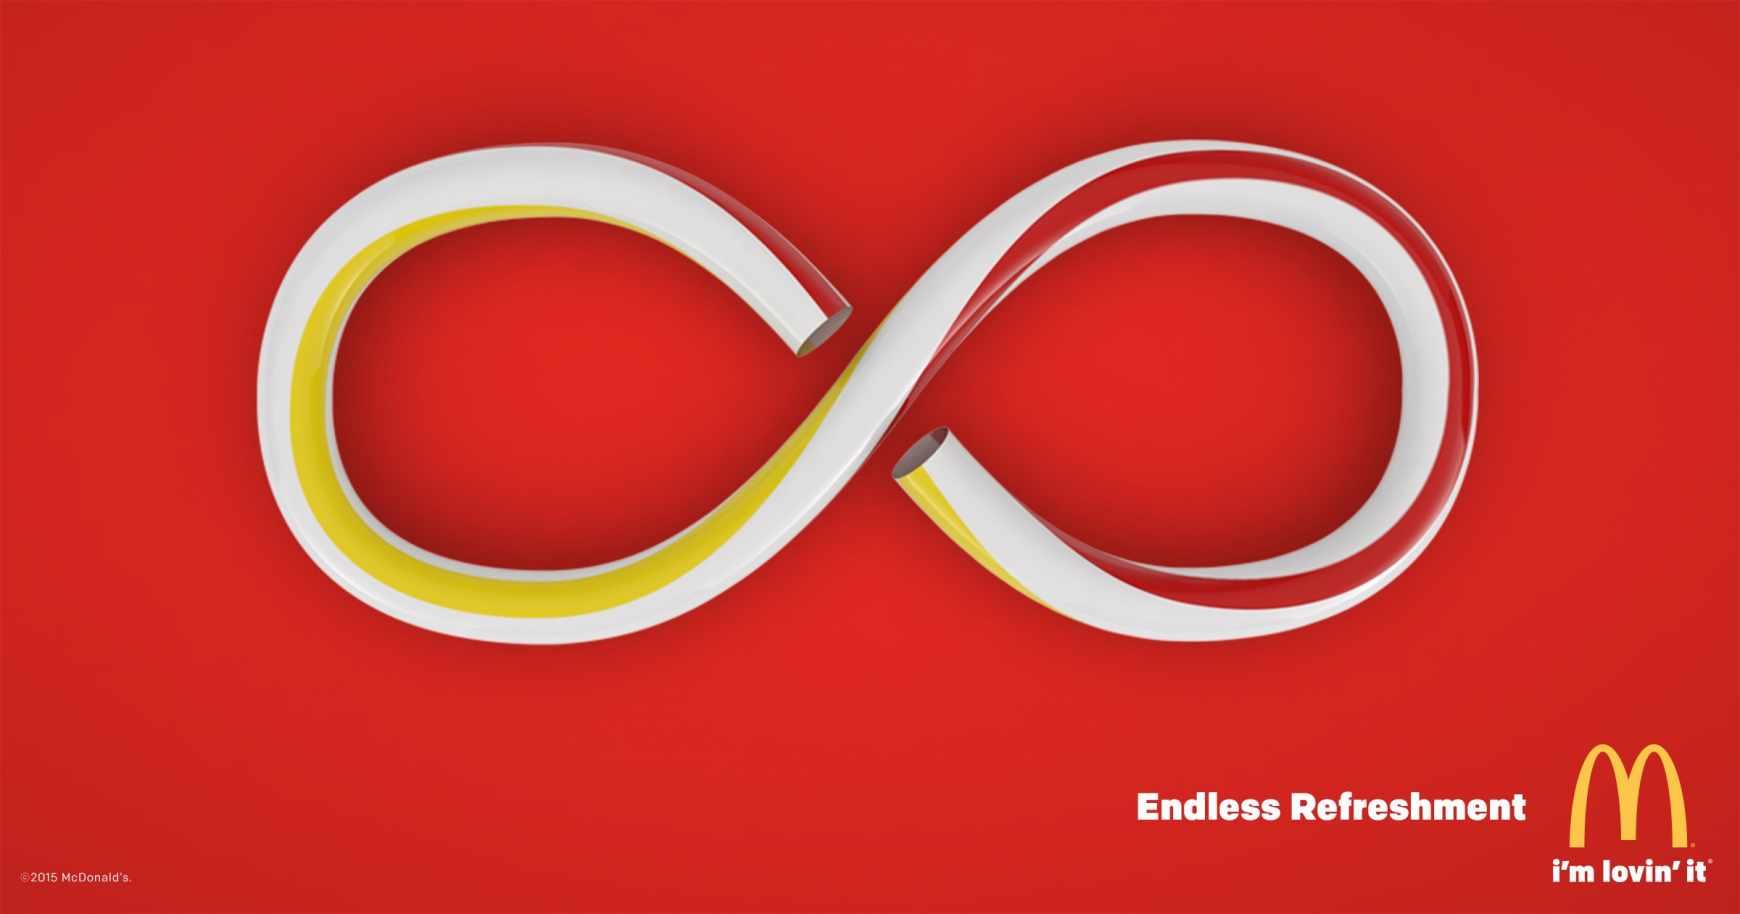 dans-ta-pub-creativité-création-prints-brillants-idées-affiche-publicité-92-3